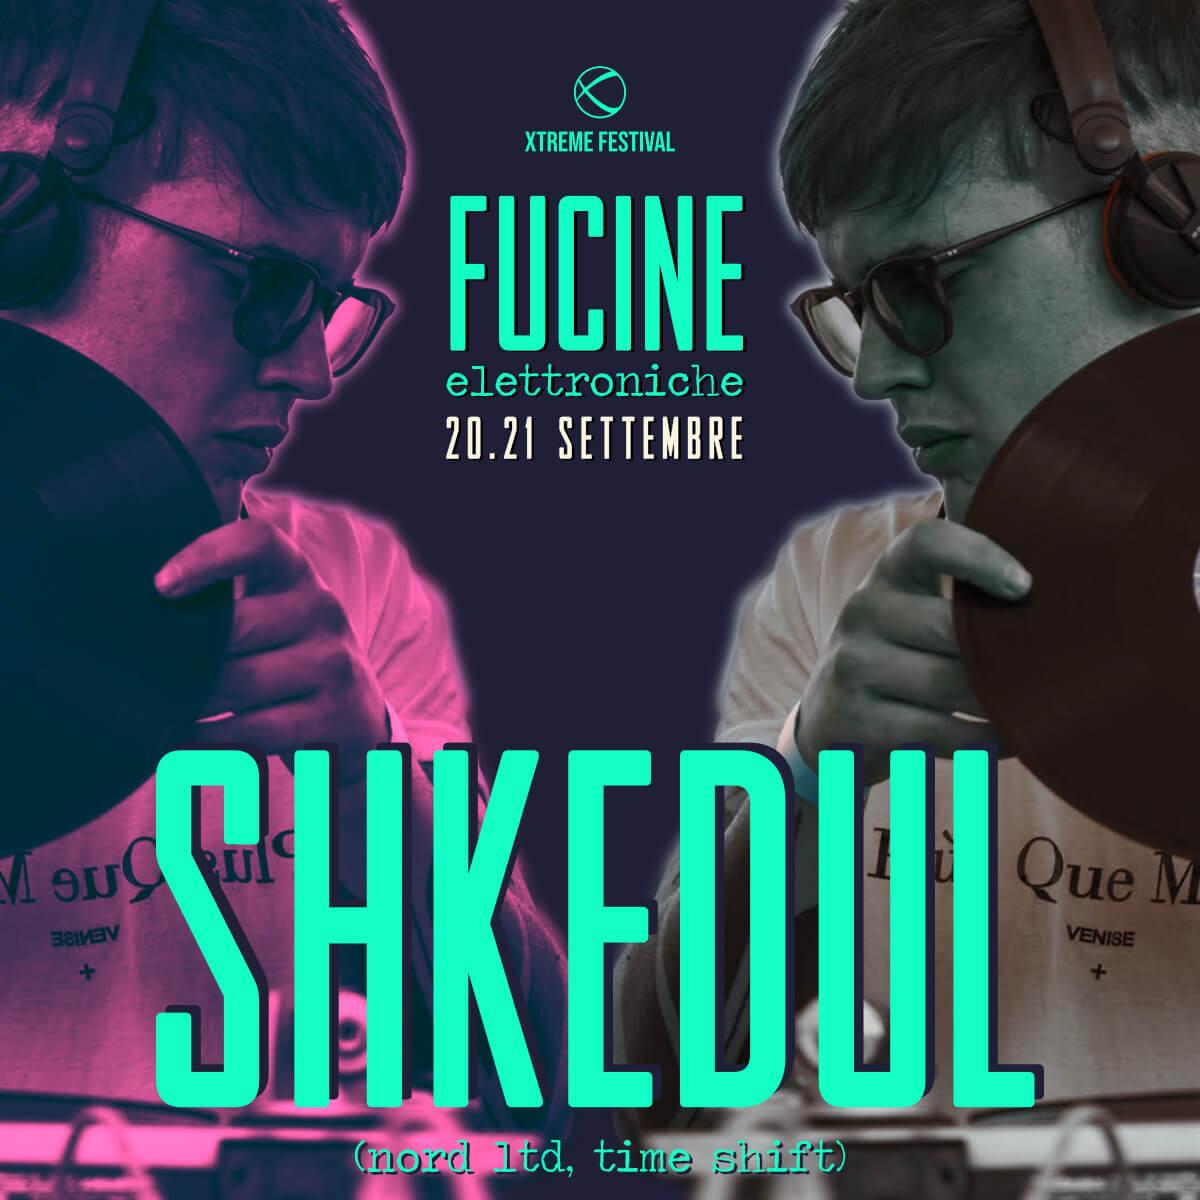 Shkedul - Fucine Elettroniche Belluno - Xtreme Festival